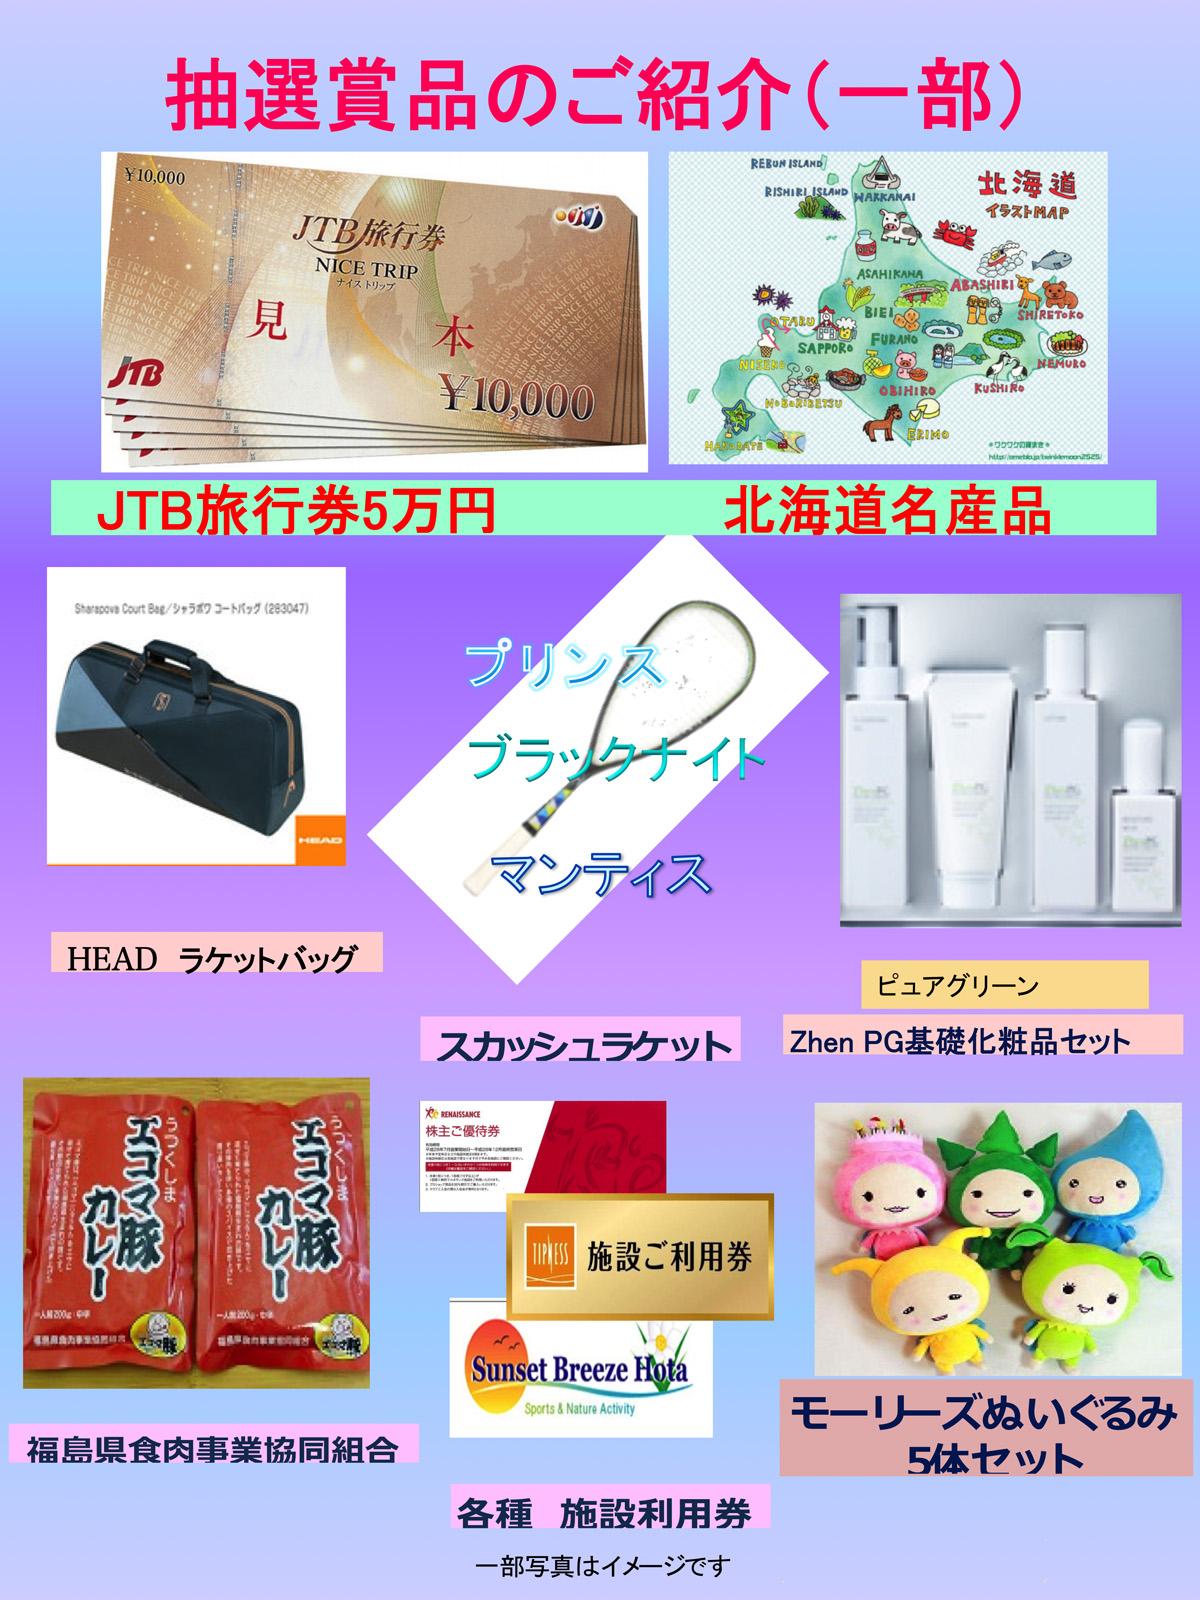 jsa_171126_donationlottery_prize